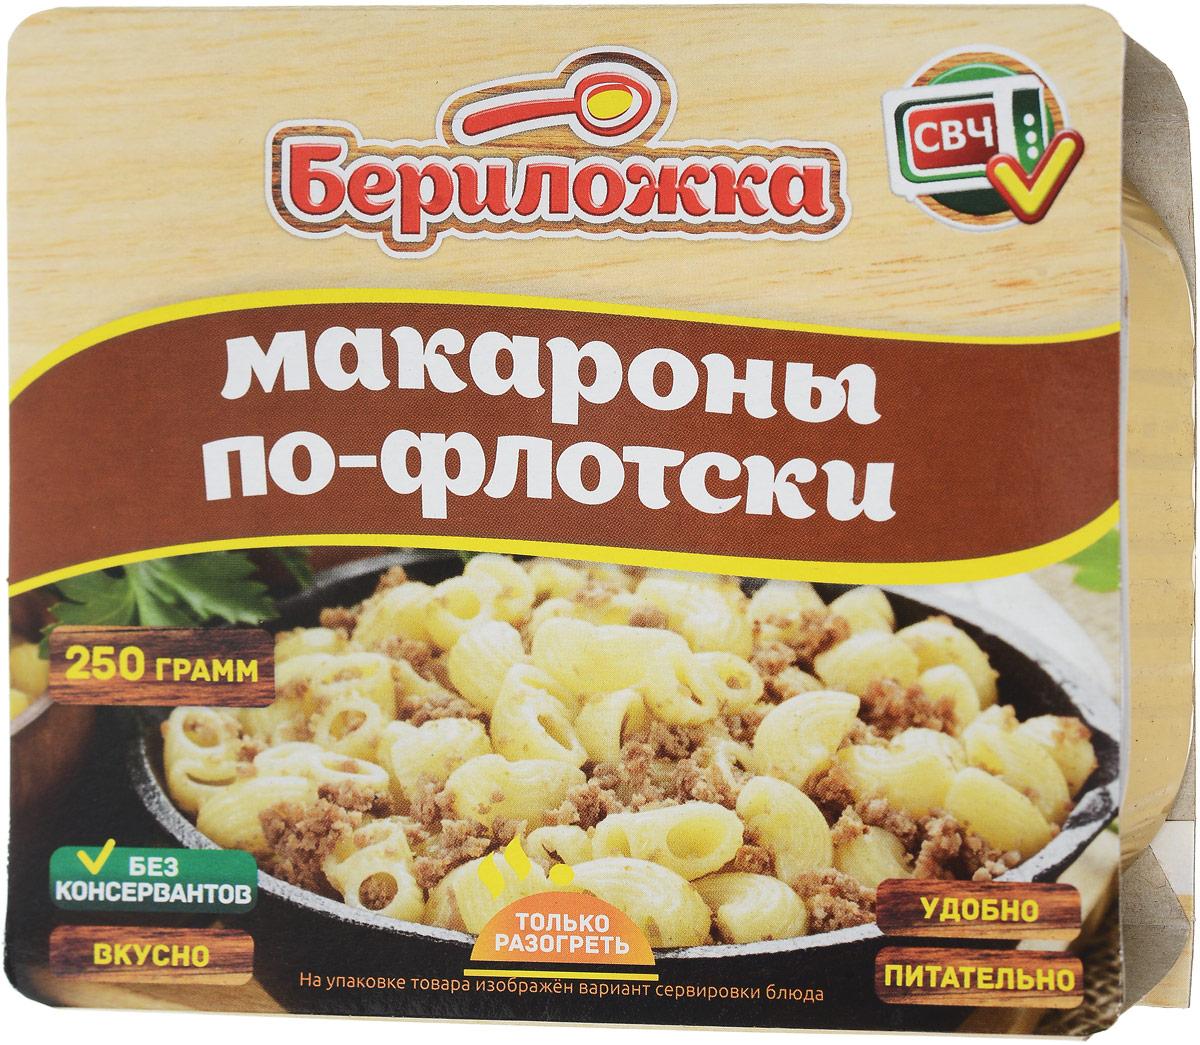 Консервы мясорастительные, стерилизованные, натуральные 100%, без ГМО, без консервантов, без сои.